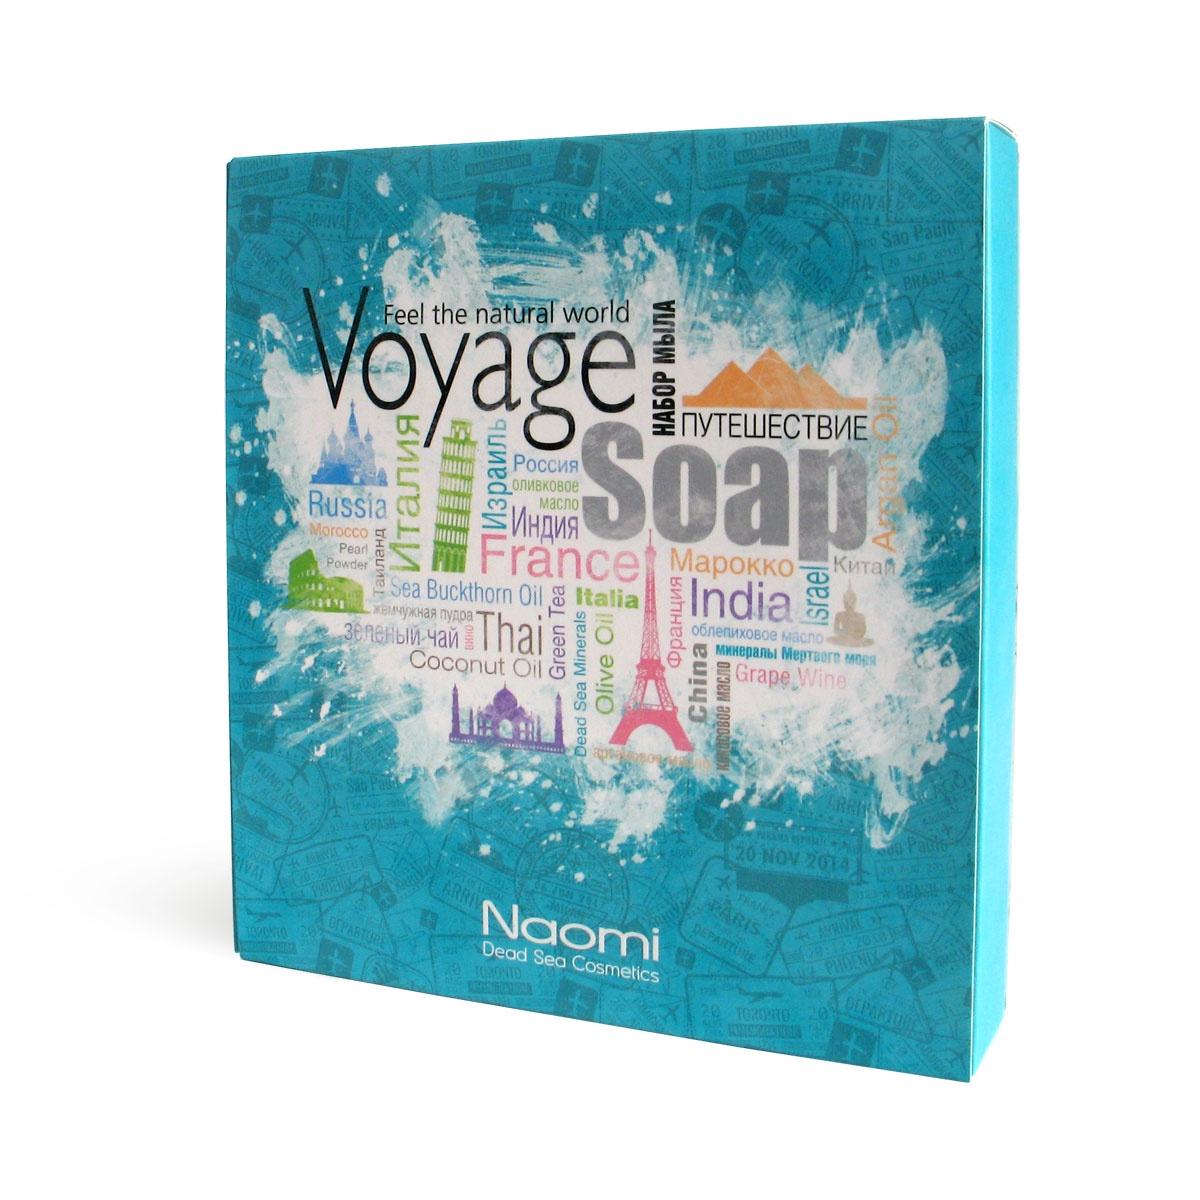 Набор мыла Naomi Voyage, 8шт, 30г набор мыла вояж 240 гр naomi набор мыла вояж 240 гр page 10